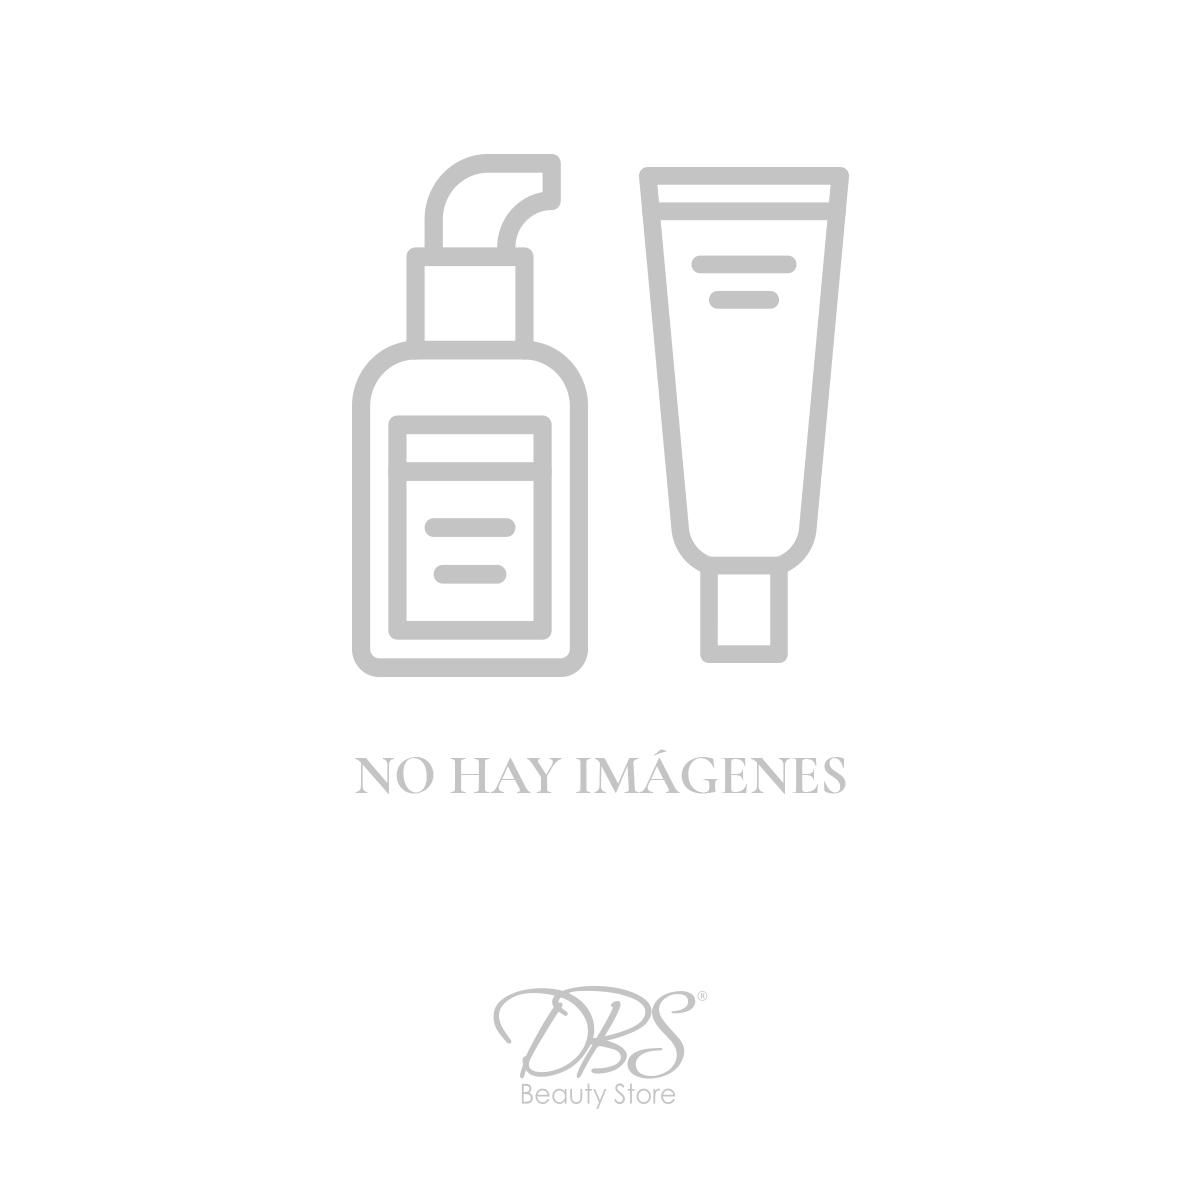 dbs-cosmetics-DBS-LI1057-MP.jpg